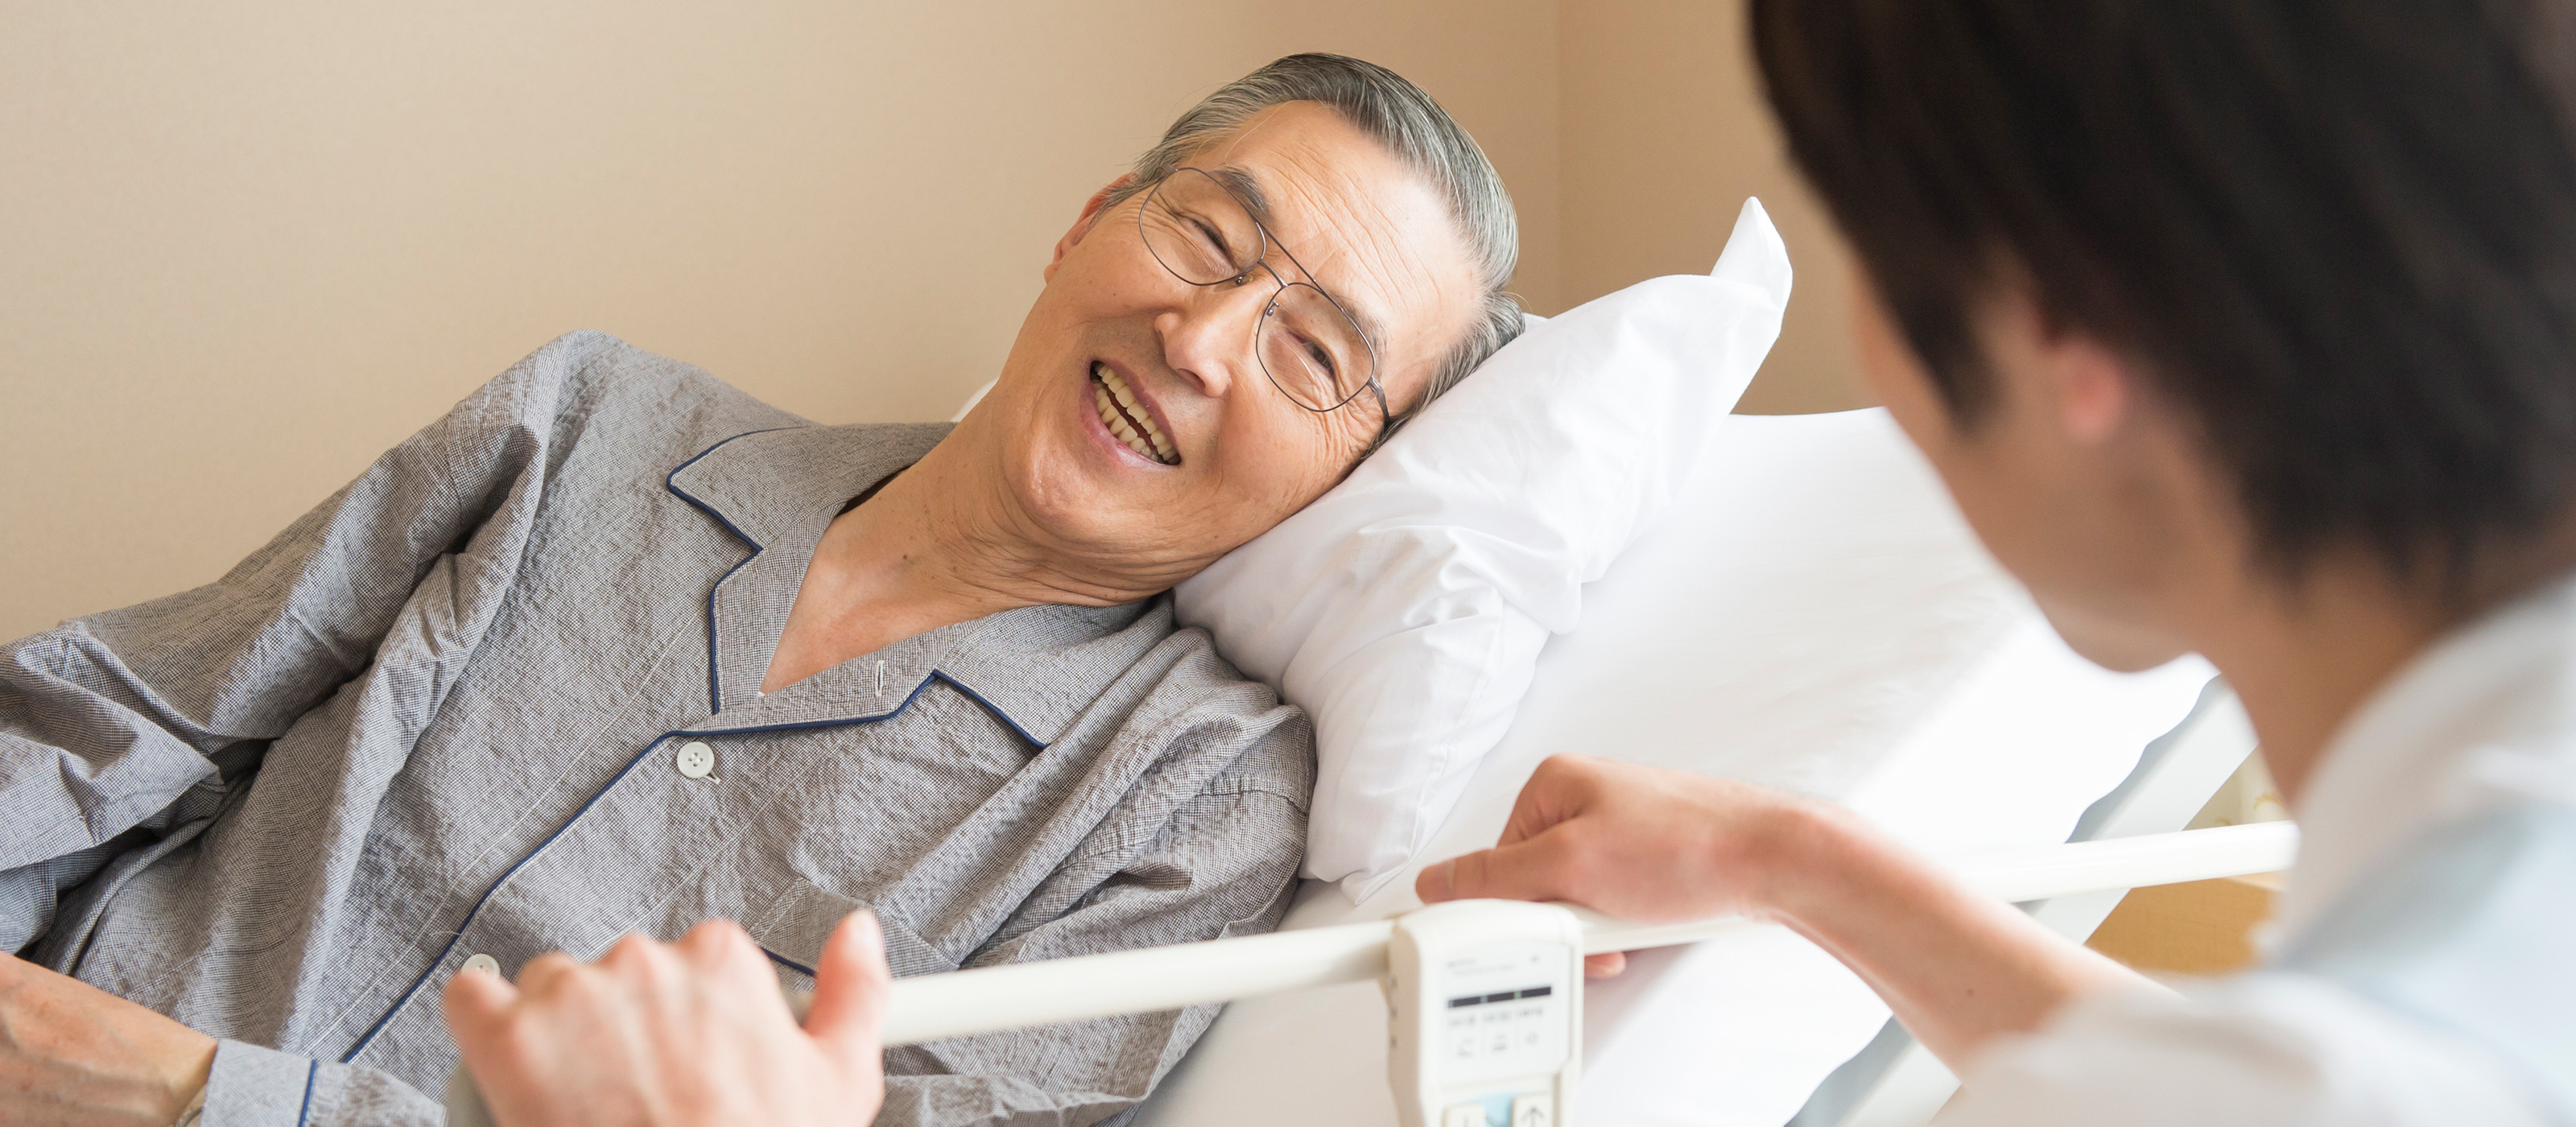 褥瘡(床ずれ)の予防と手当